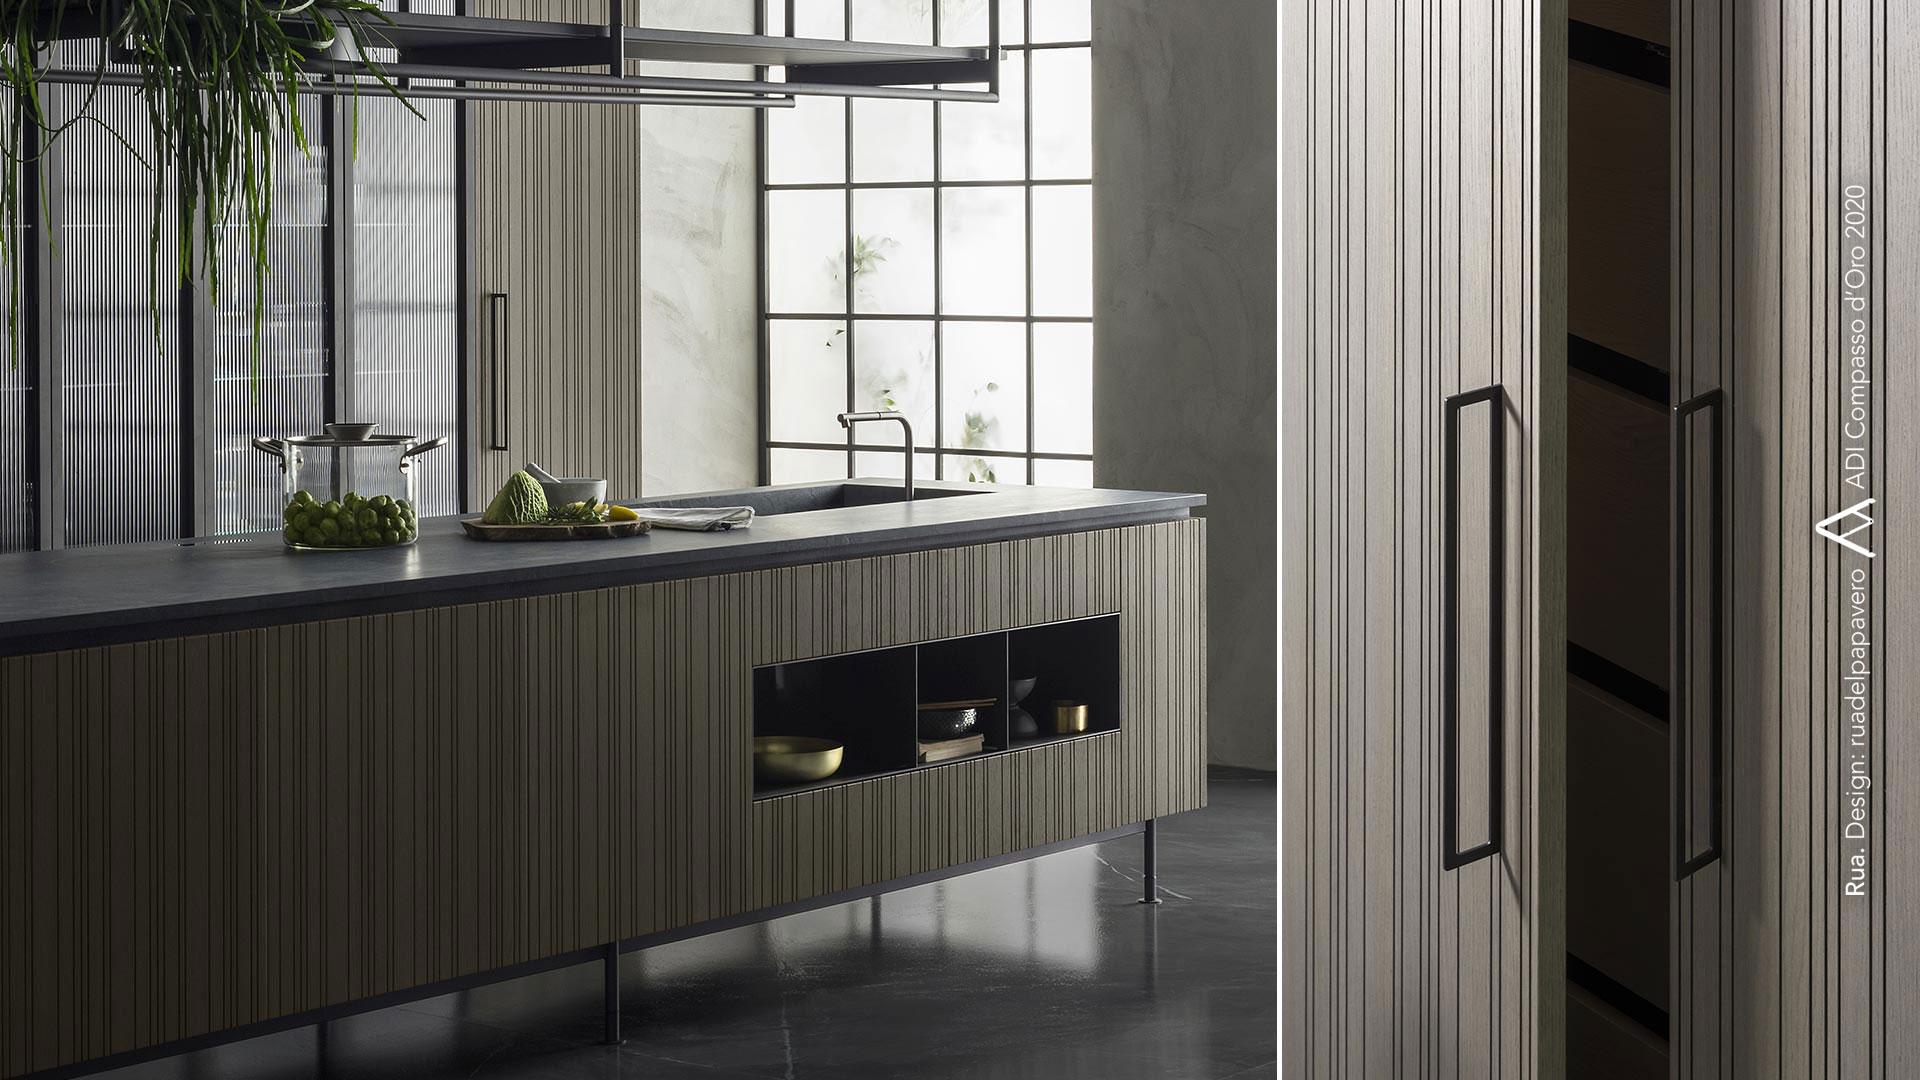 Cucina con isola e cucina il legno collezione RUA - collezione_rua-004